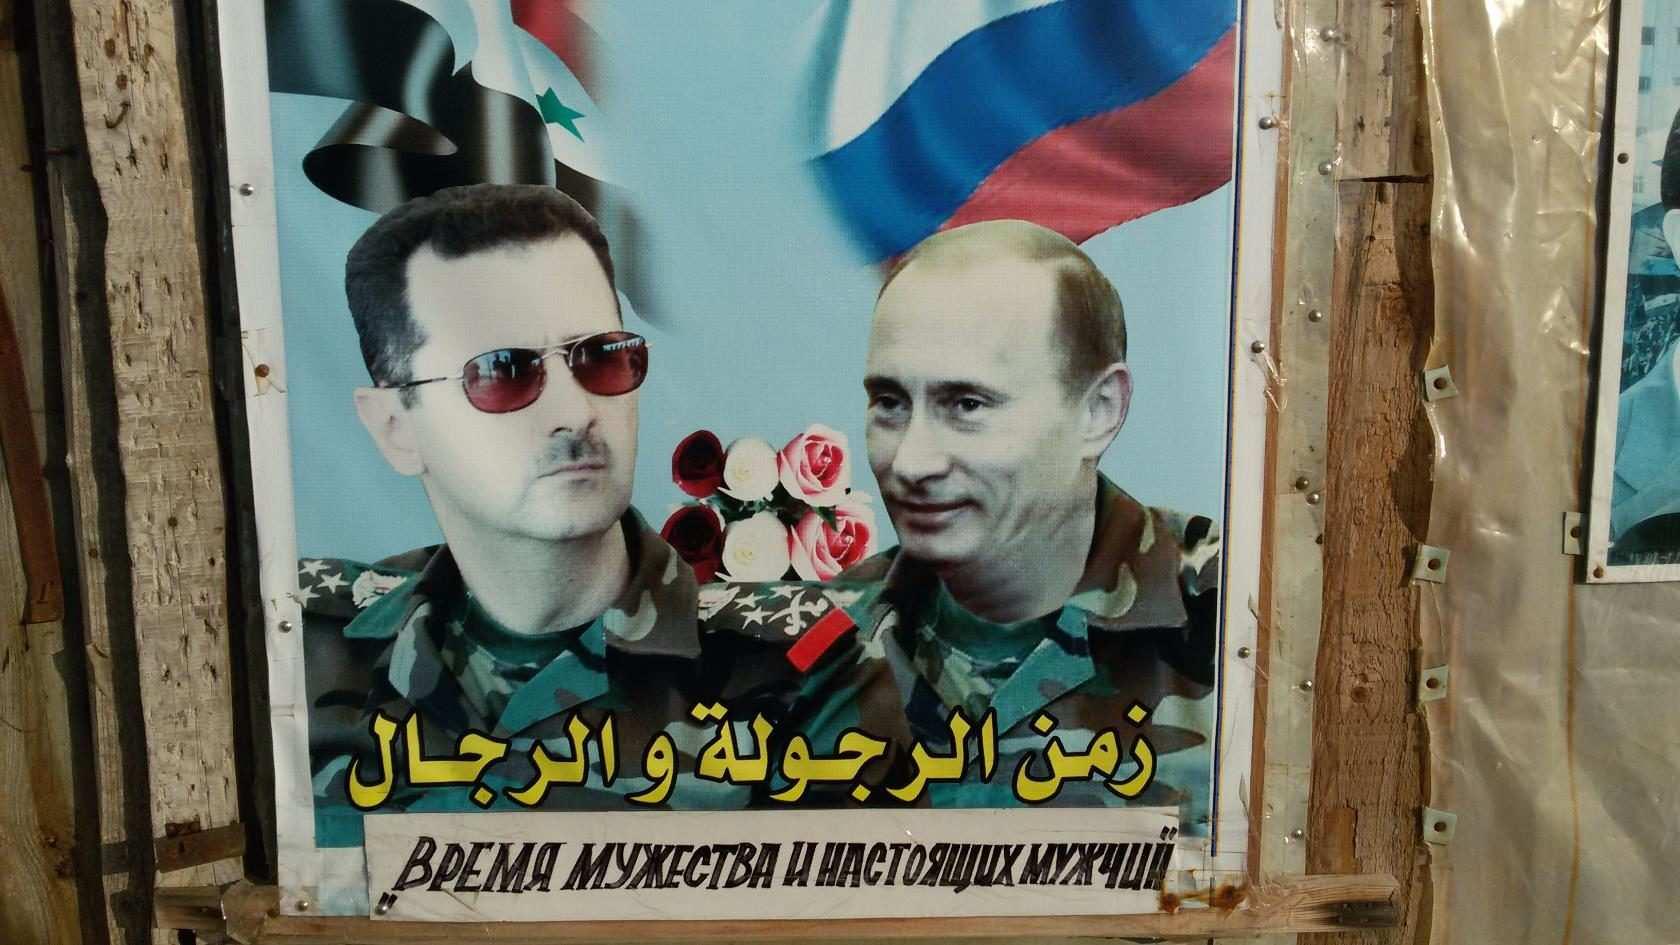 Сирийская Руссия: «Спасибо ВКС и Путину!» — репортаж «Русской Весны» из городка в Латакии, названного в честь России (ФОТО) | Русская весна